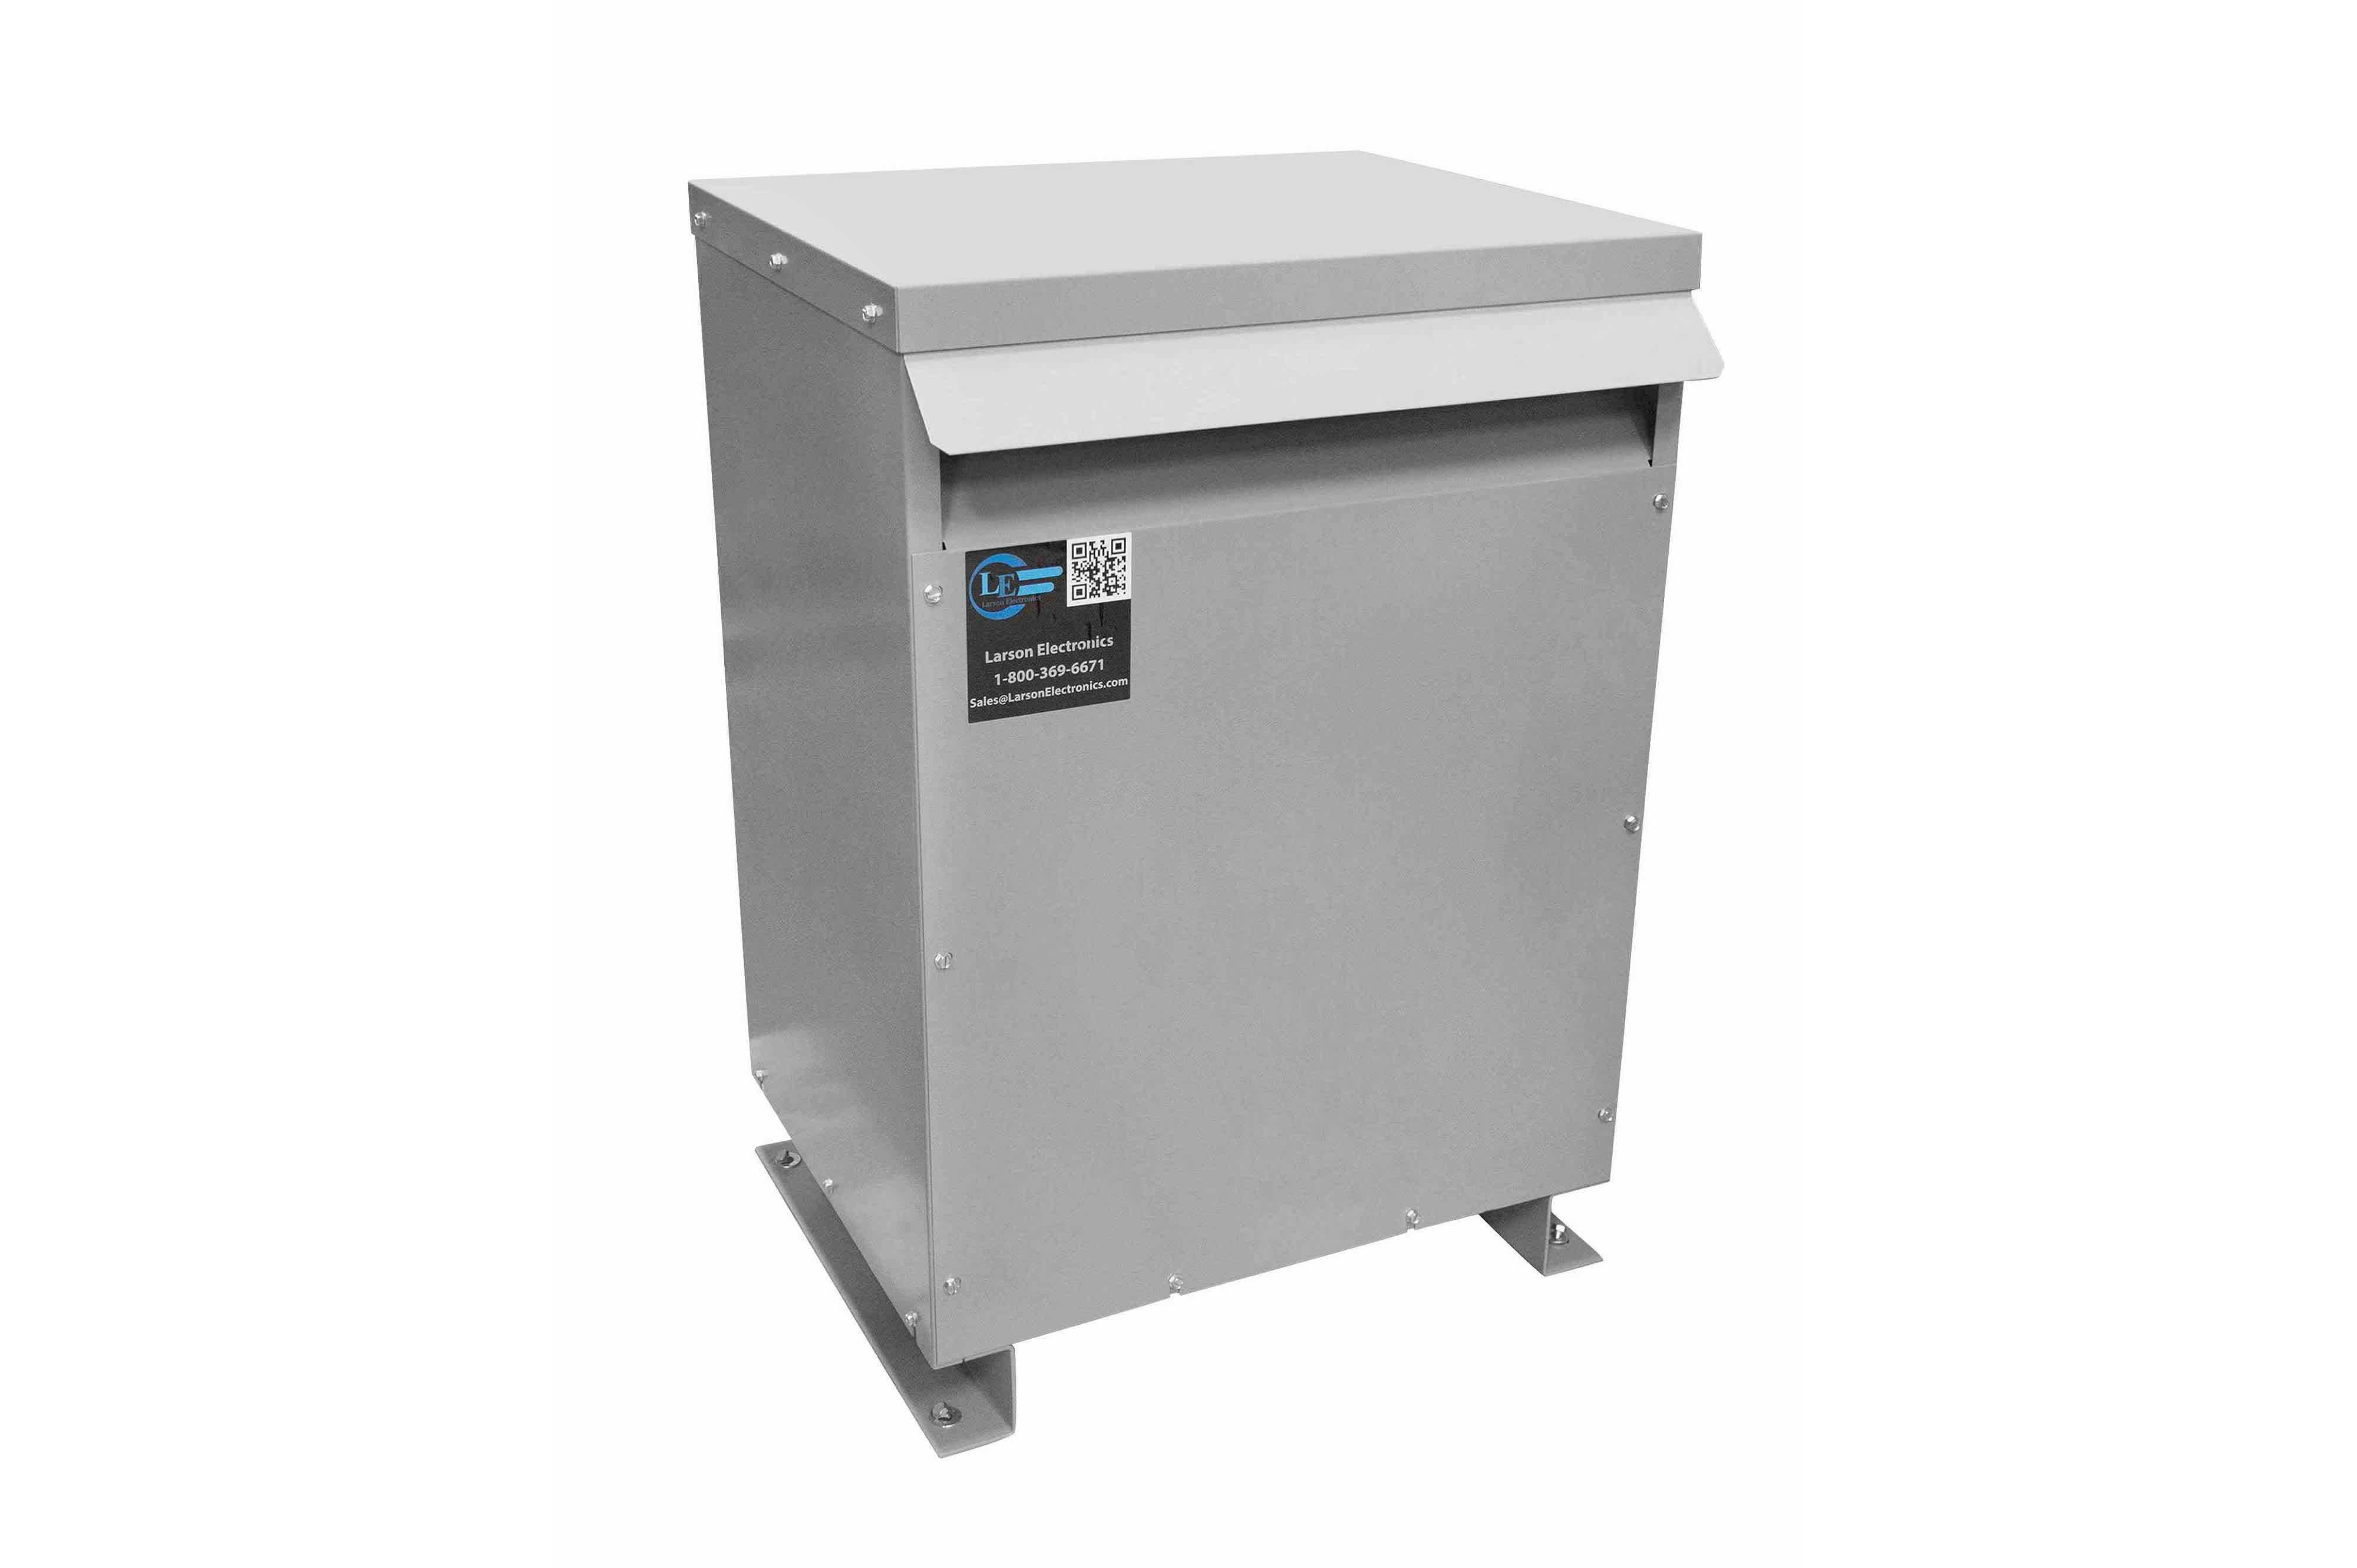 9 kVA 3PH Isolation Transformer, 480V Delta Primary, 400V Delta Secondary, N3R, Ventilated, 60 Hz